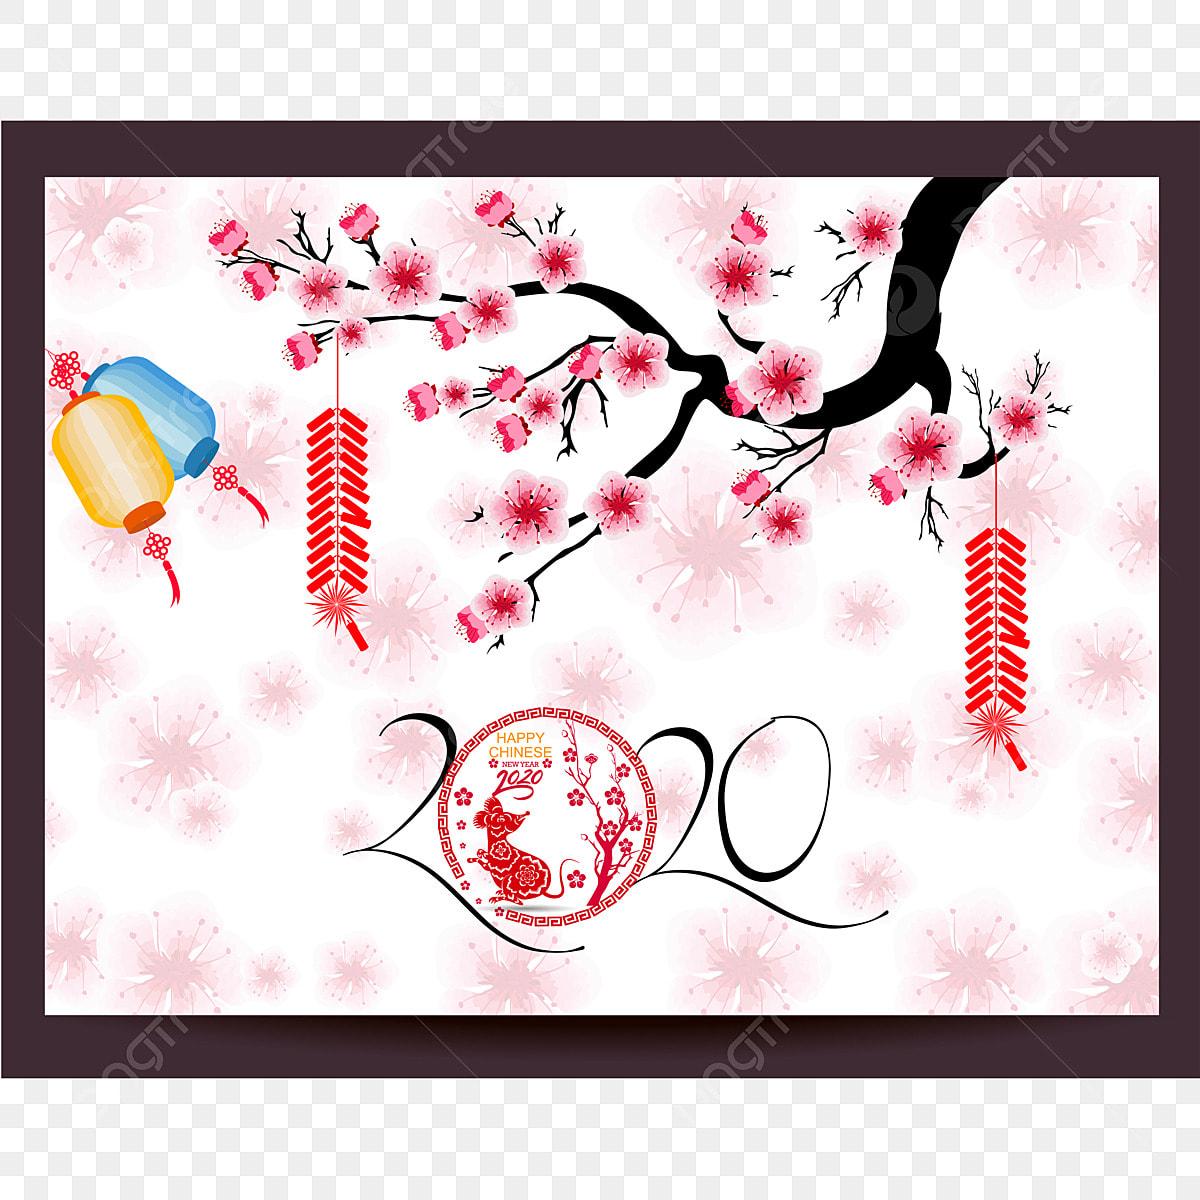 Chinesisches Jahr 2020 Farbe